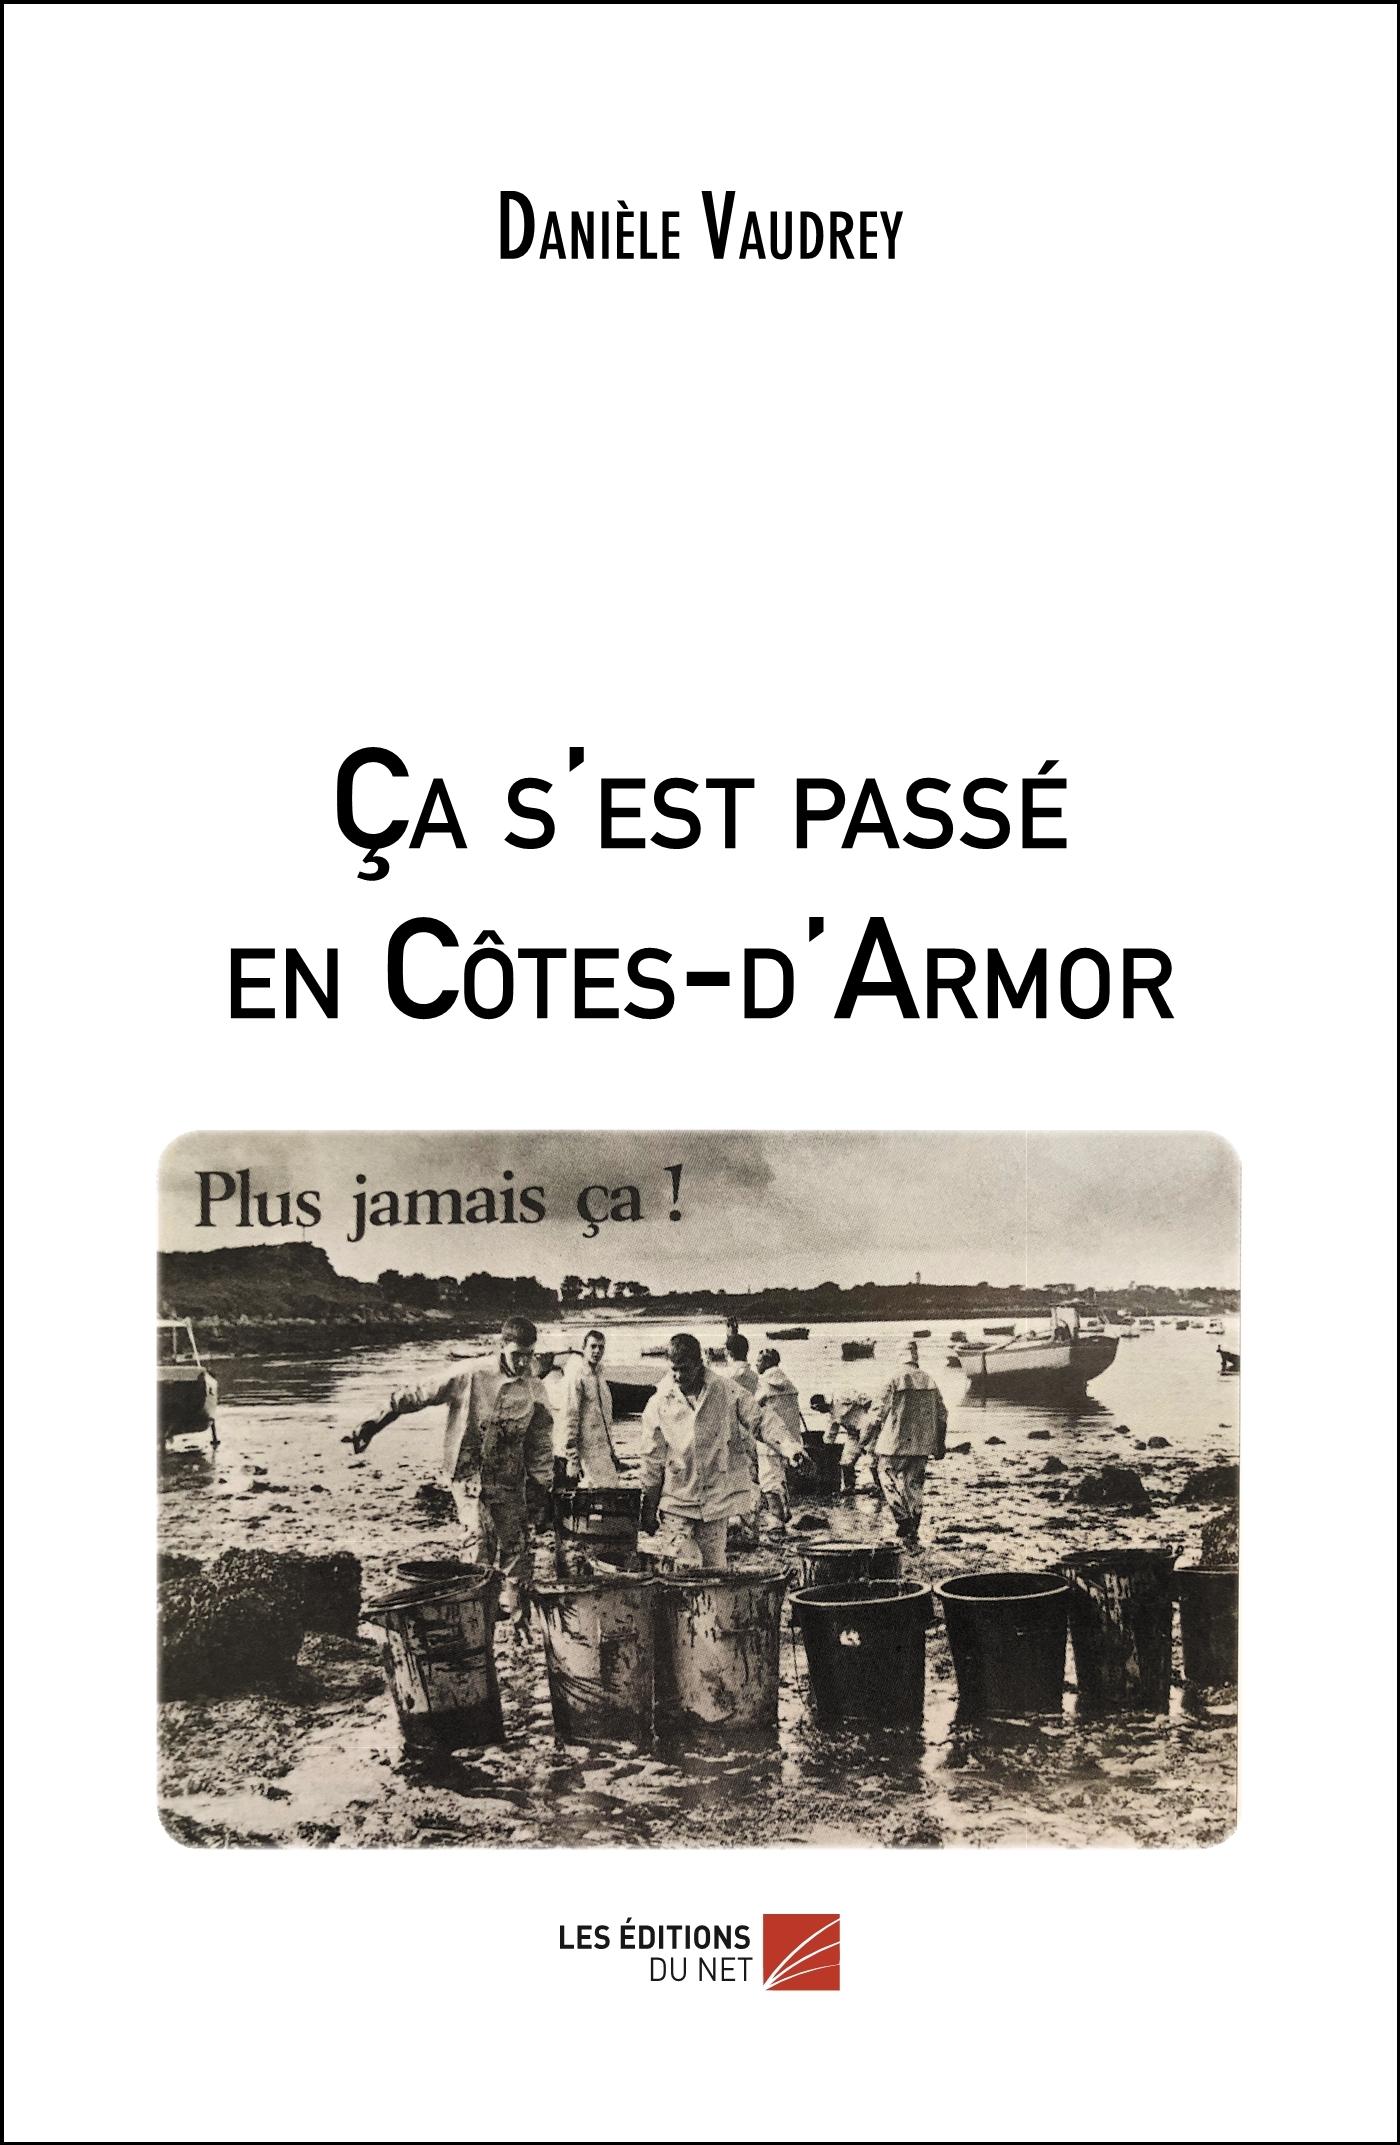 CA S'EST PASSE EN COTES-D'ARMOR